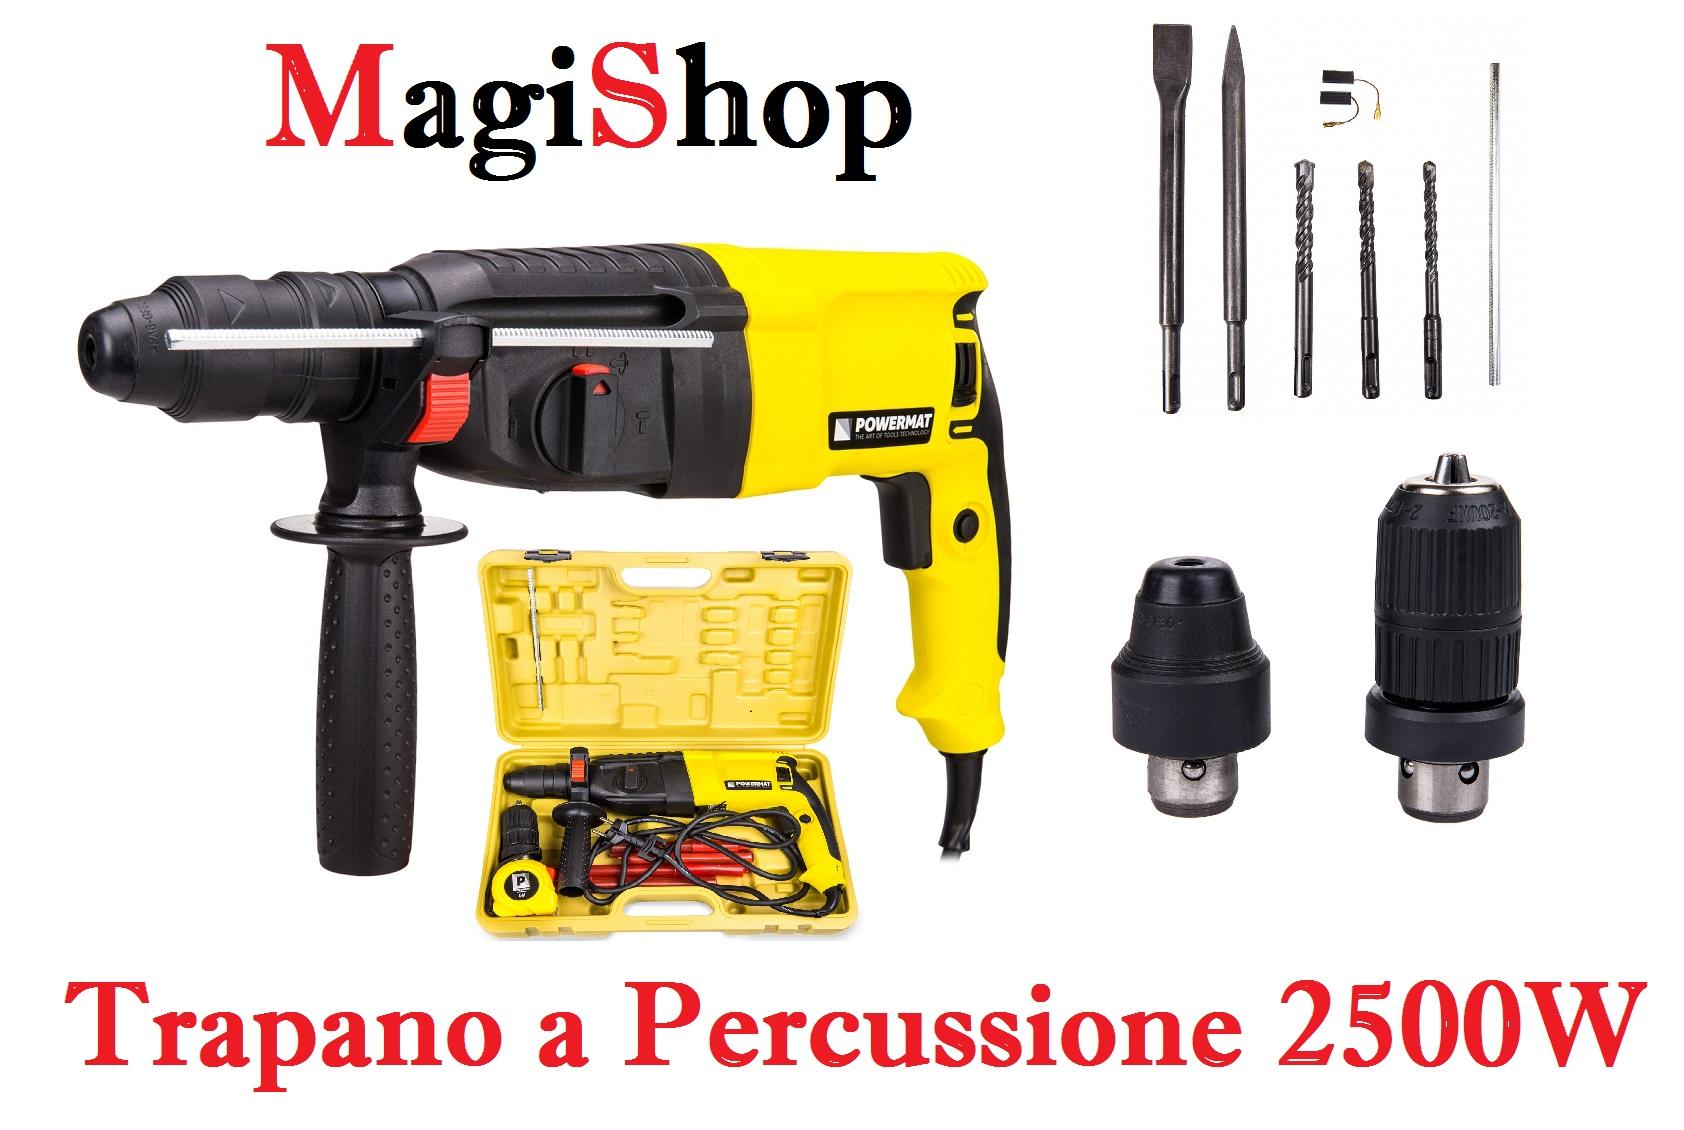 Martello perforatore (SDS + trapano) 2500W PM-MW-2500 + gancio autobloccante